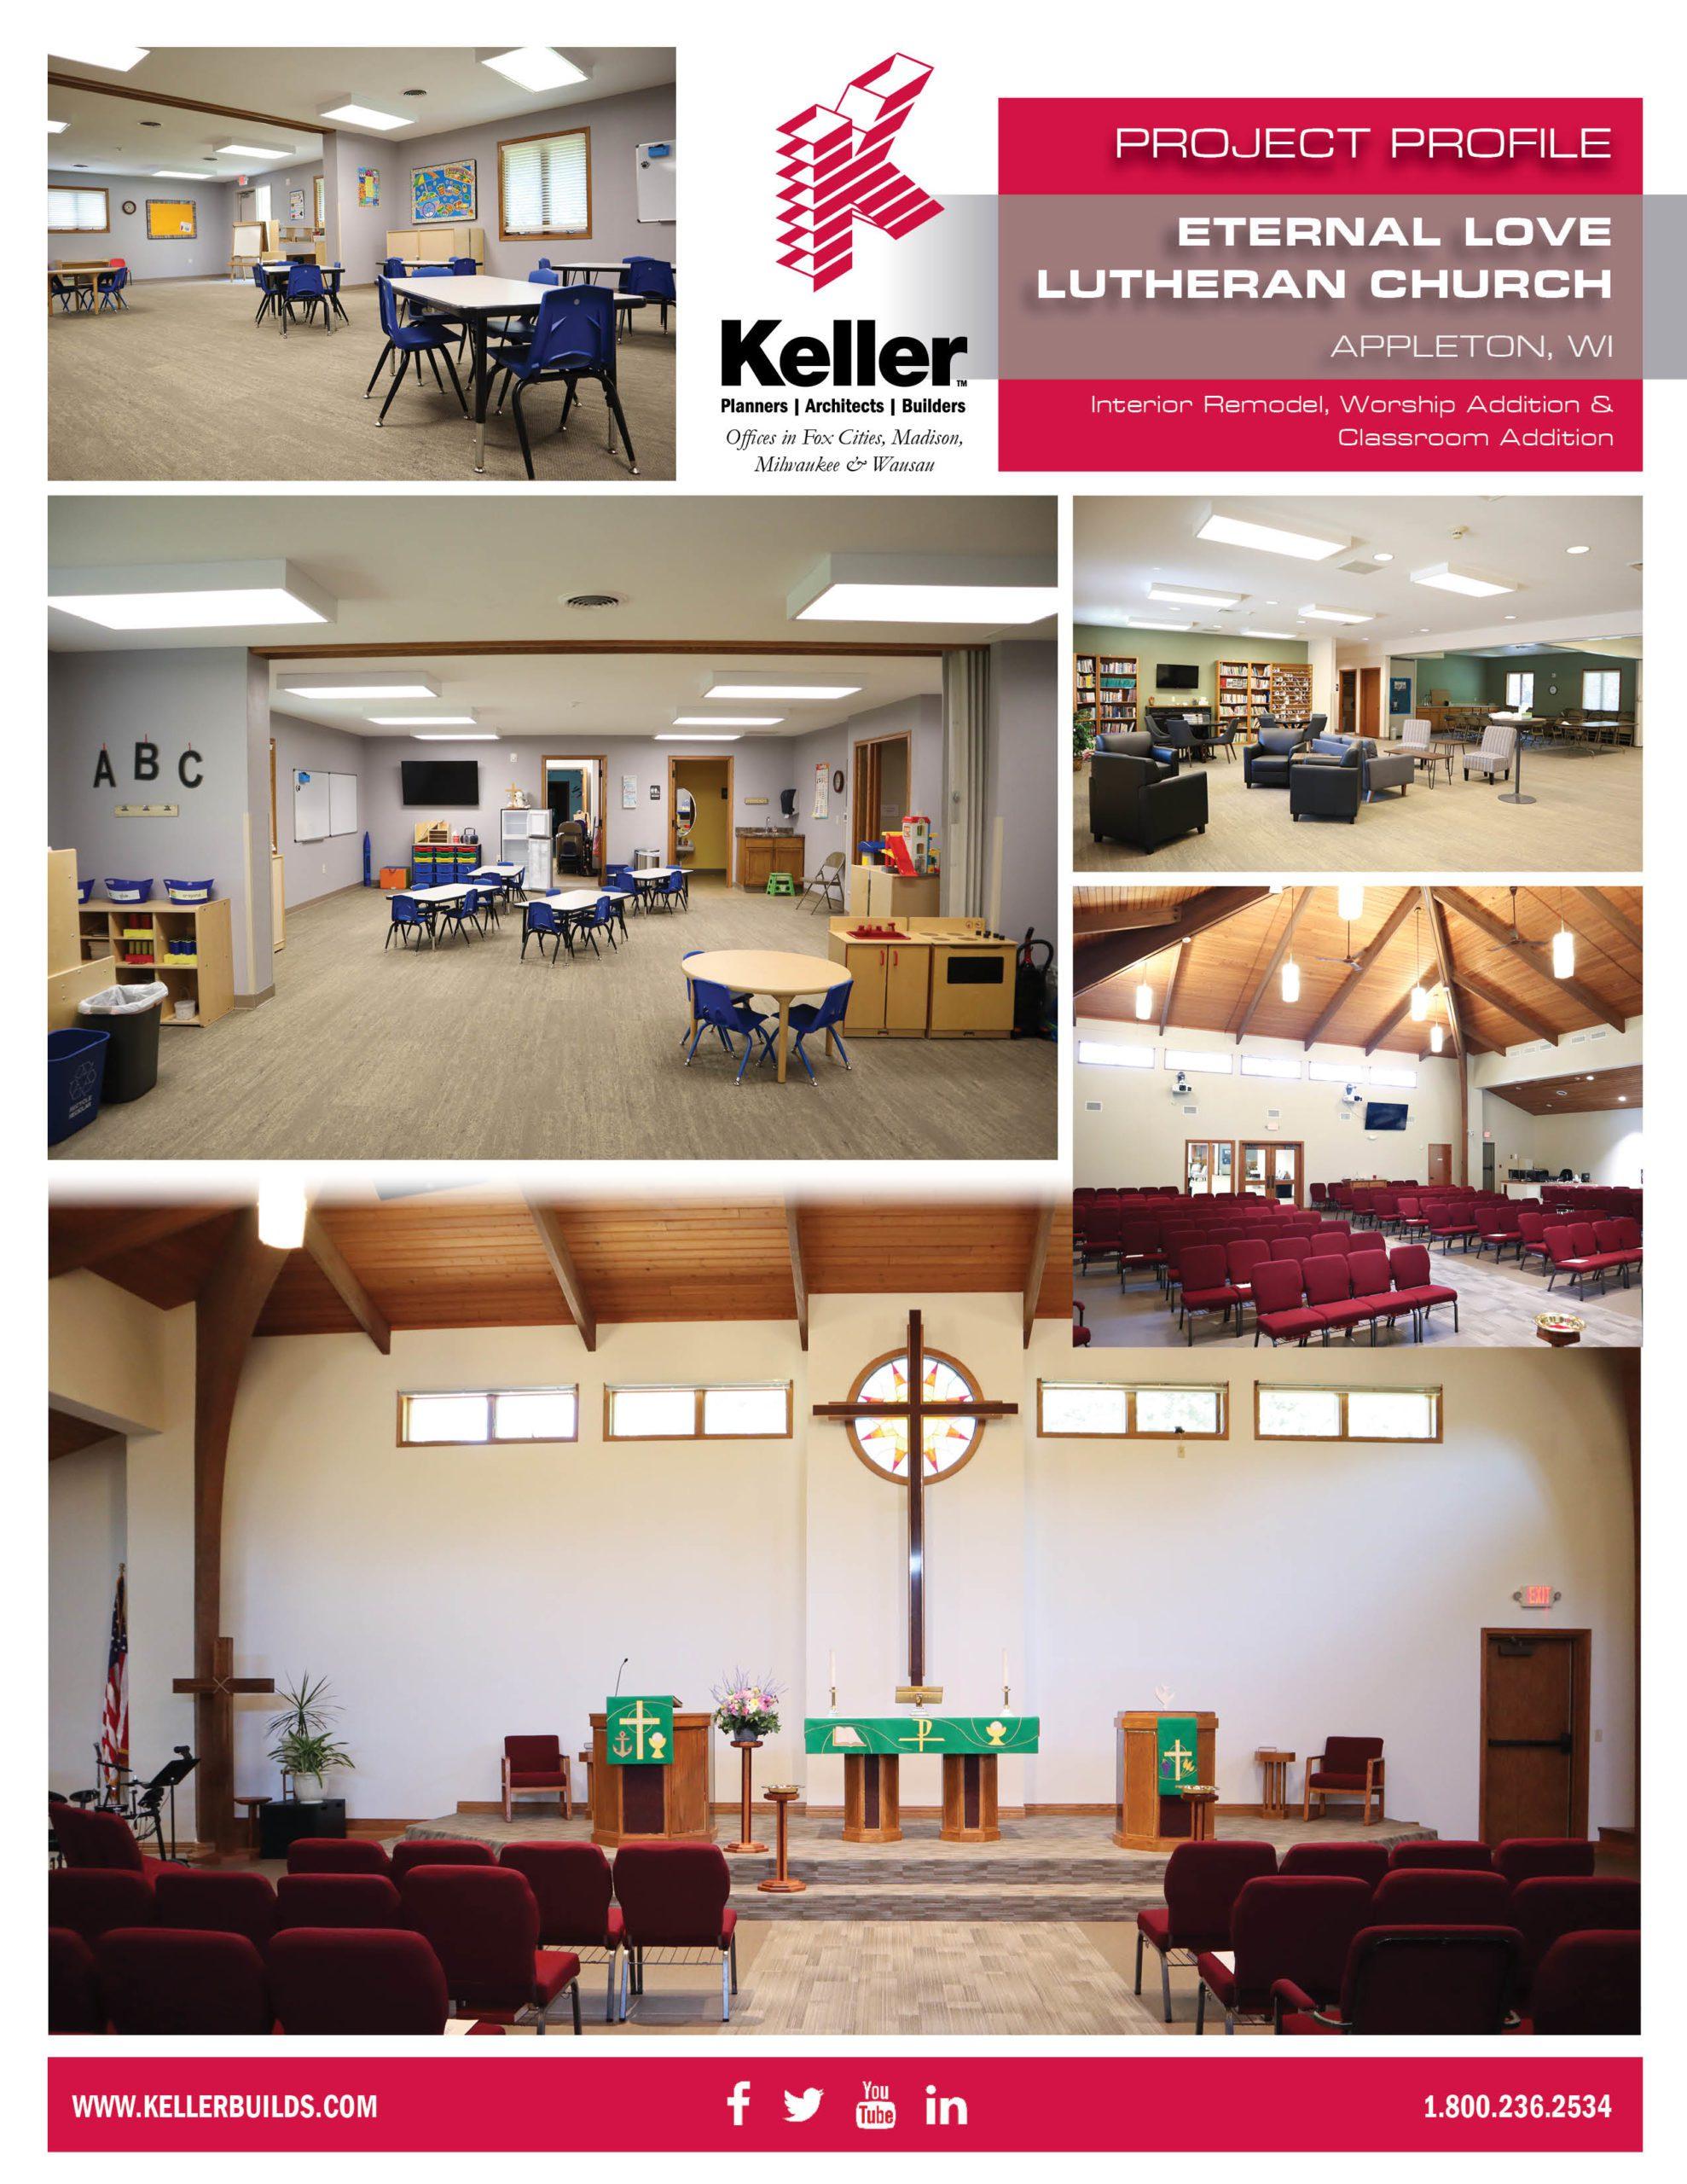 Eternal Love Lutheran Church